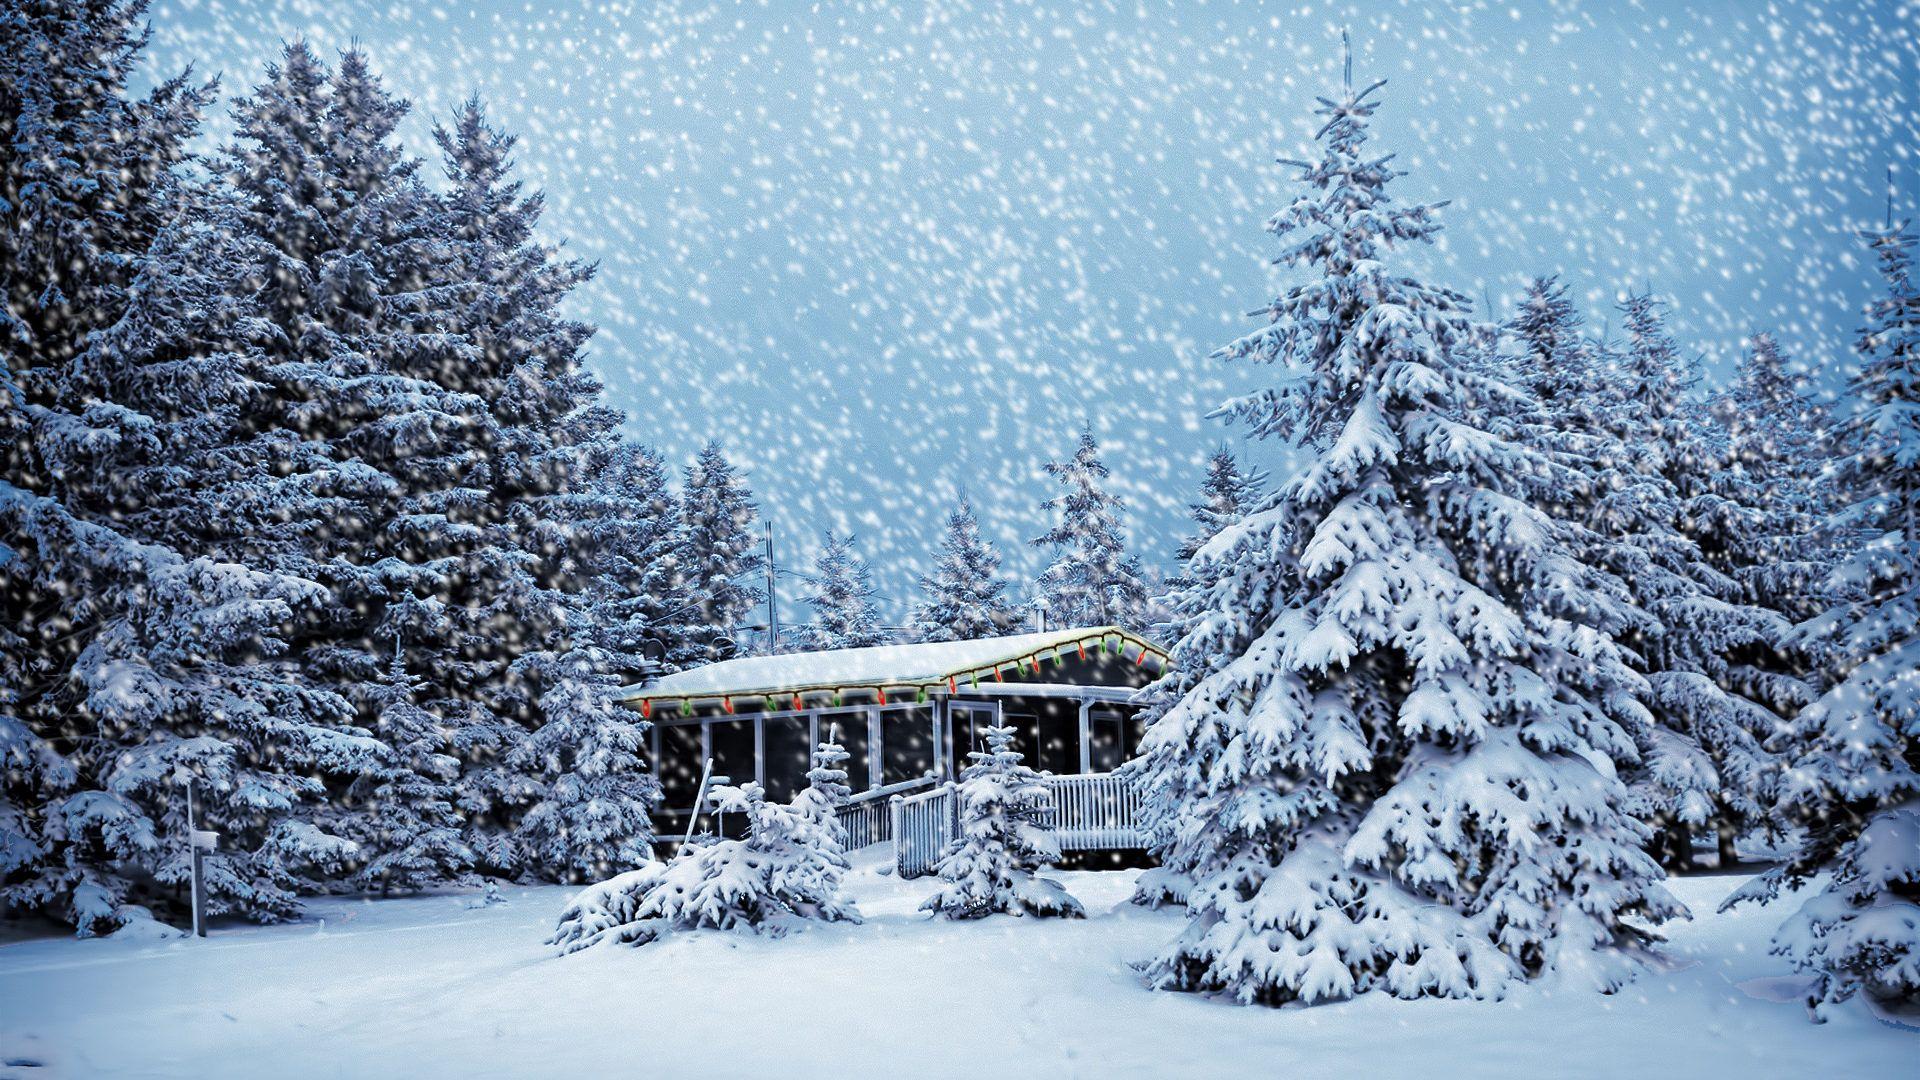 Winter Snow Scenes Pic